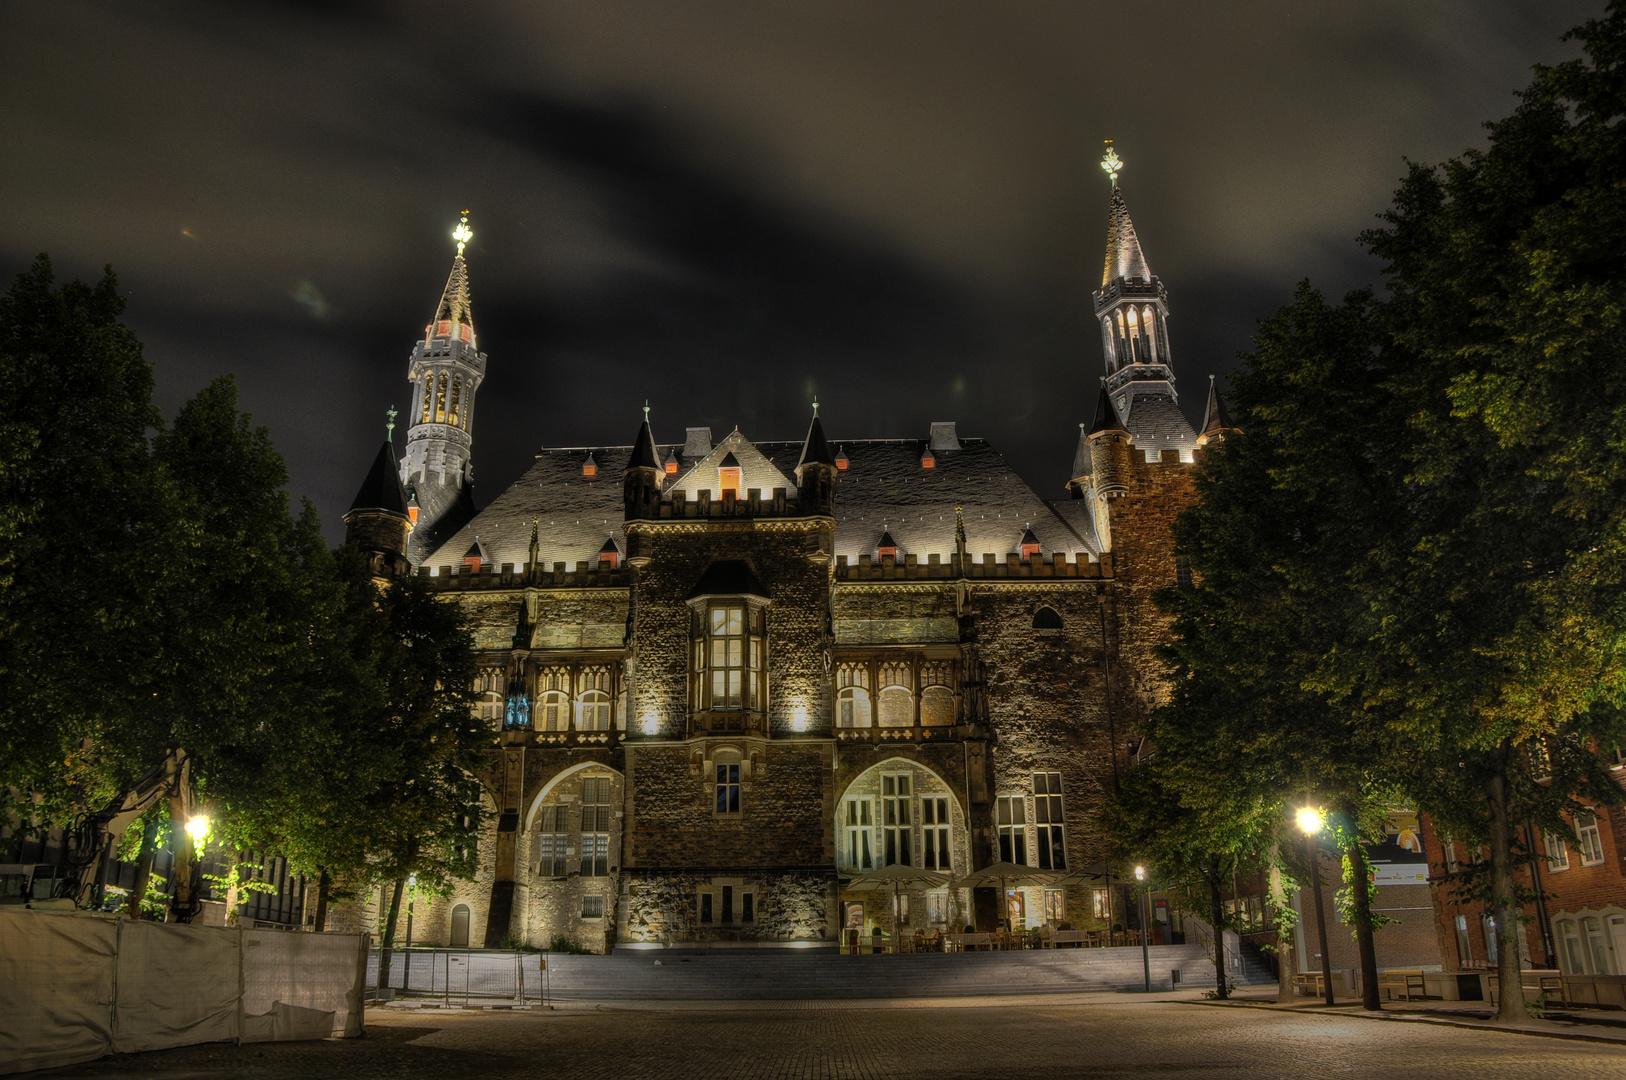 Aachener Rathaus bei Nacht